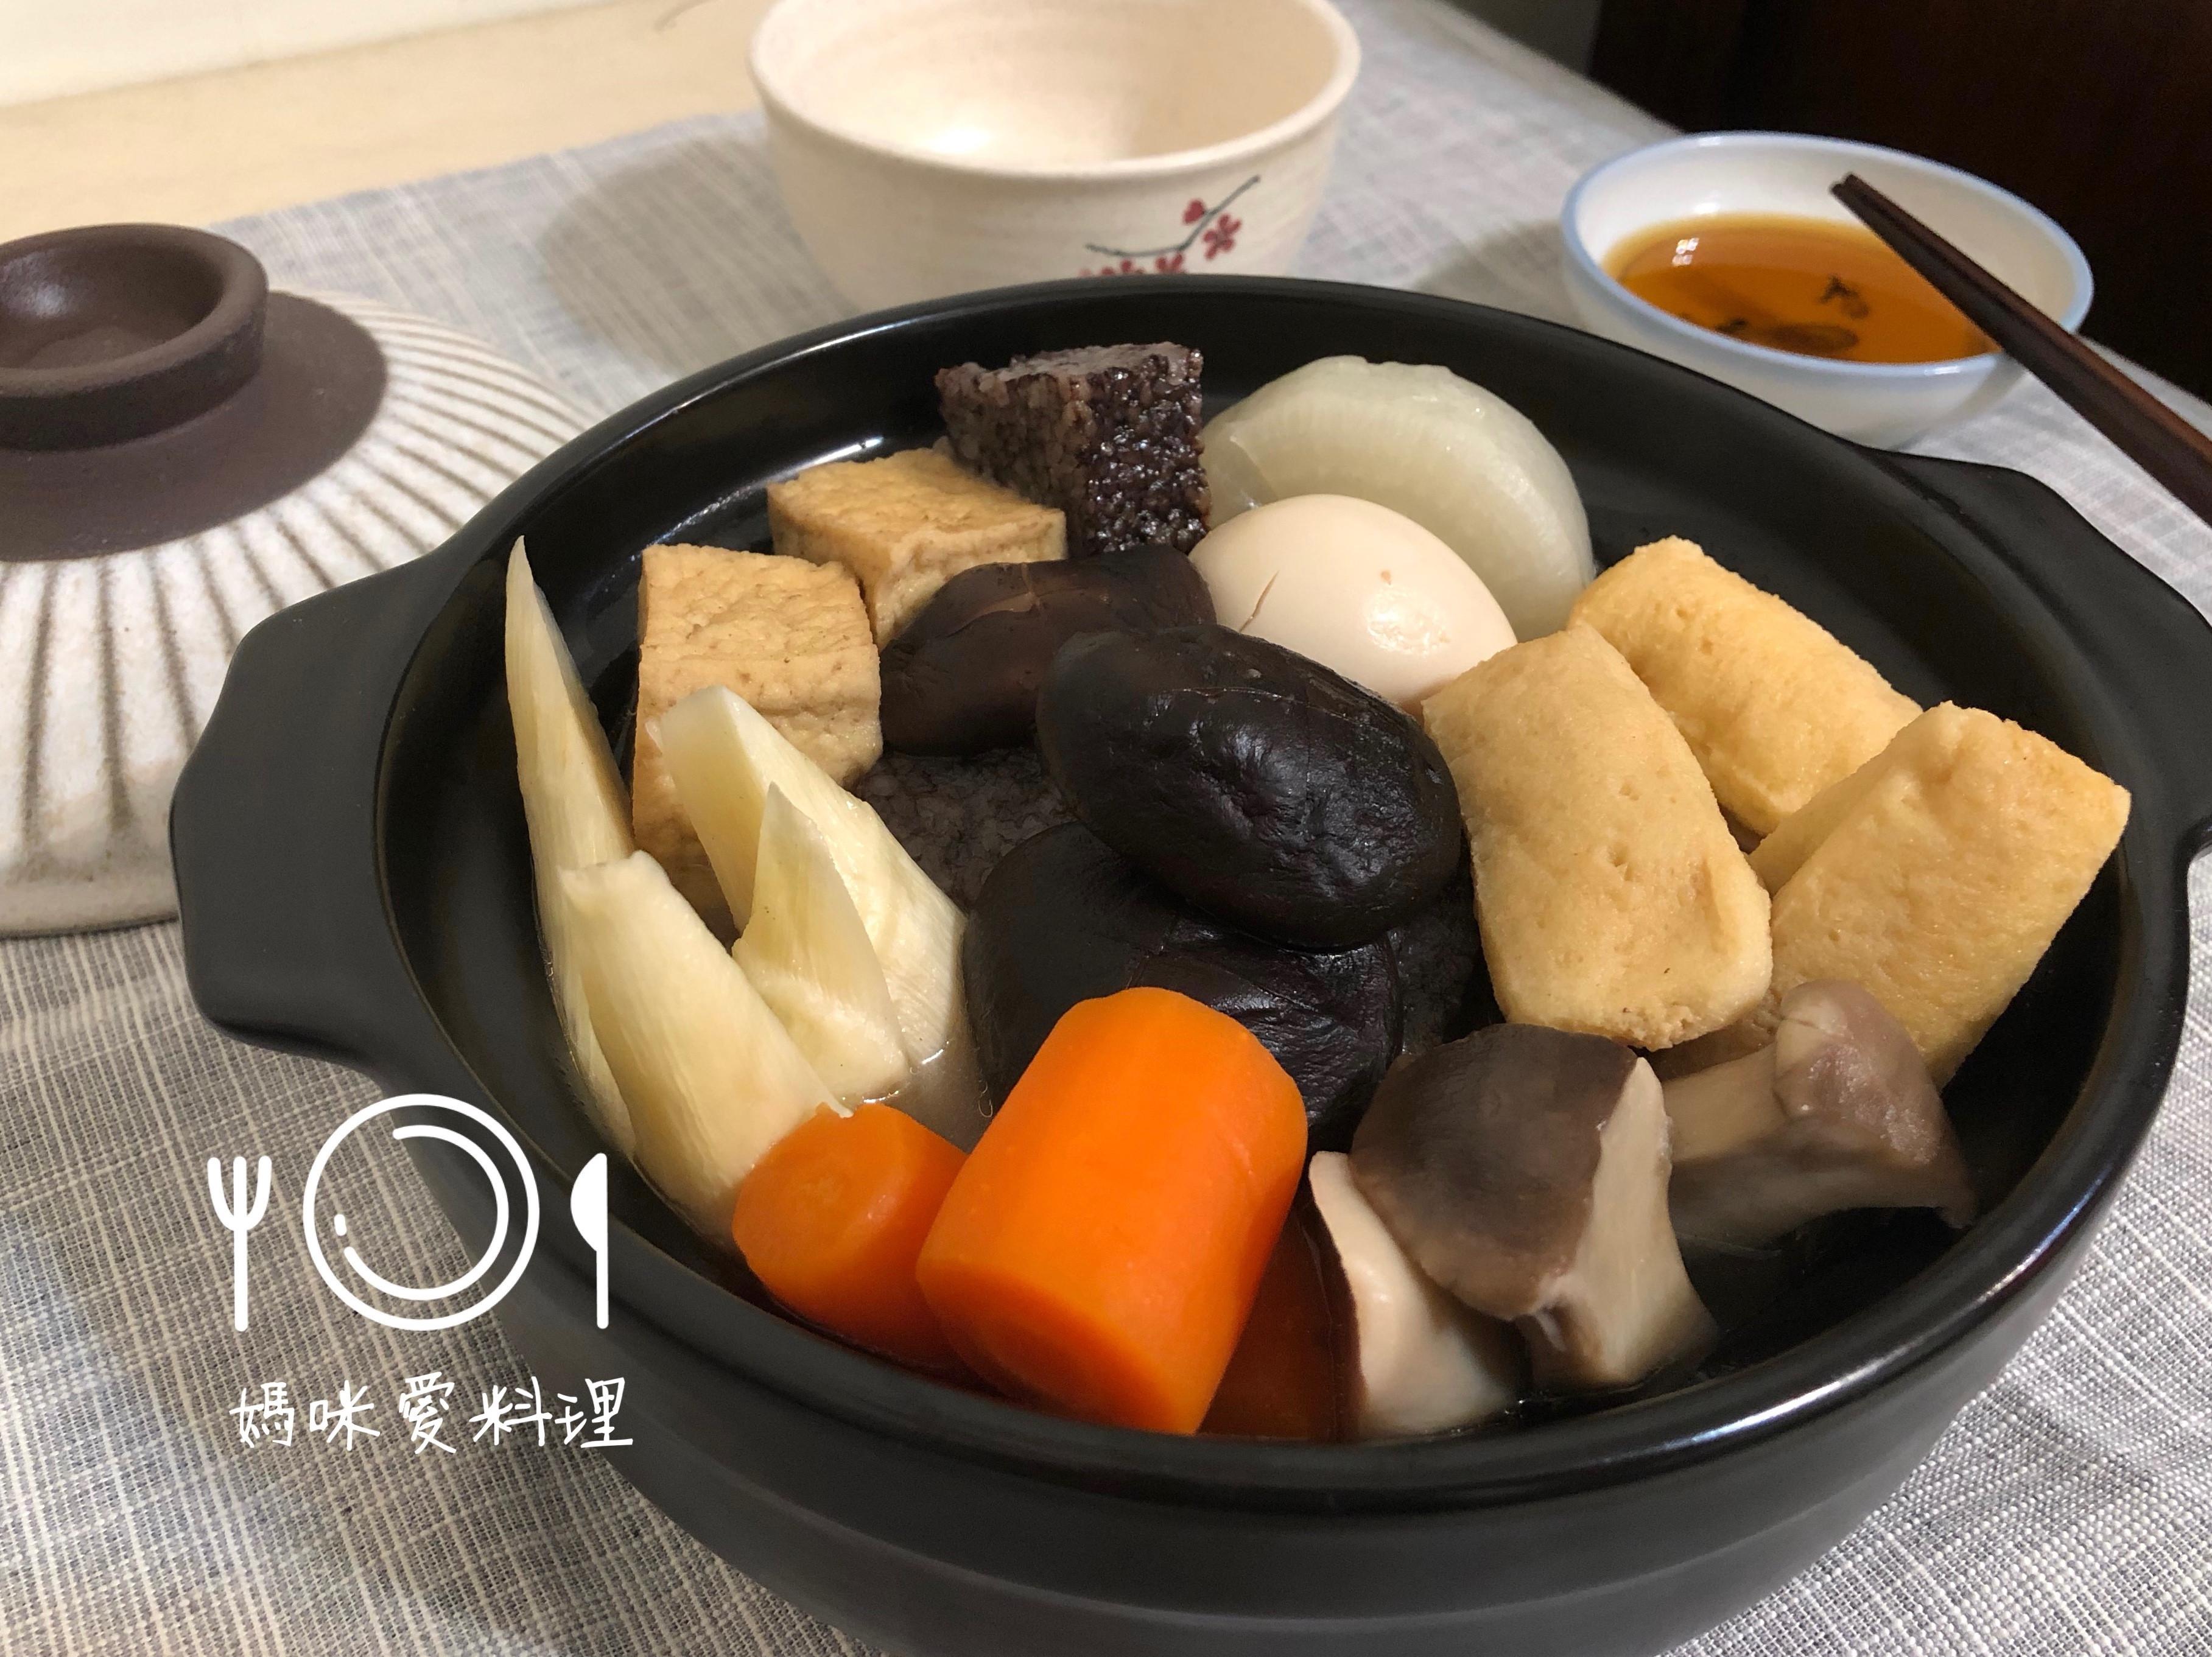 關東煮(柴魚昆布高湯)